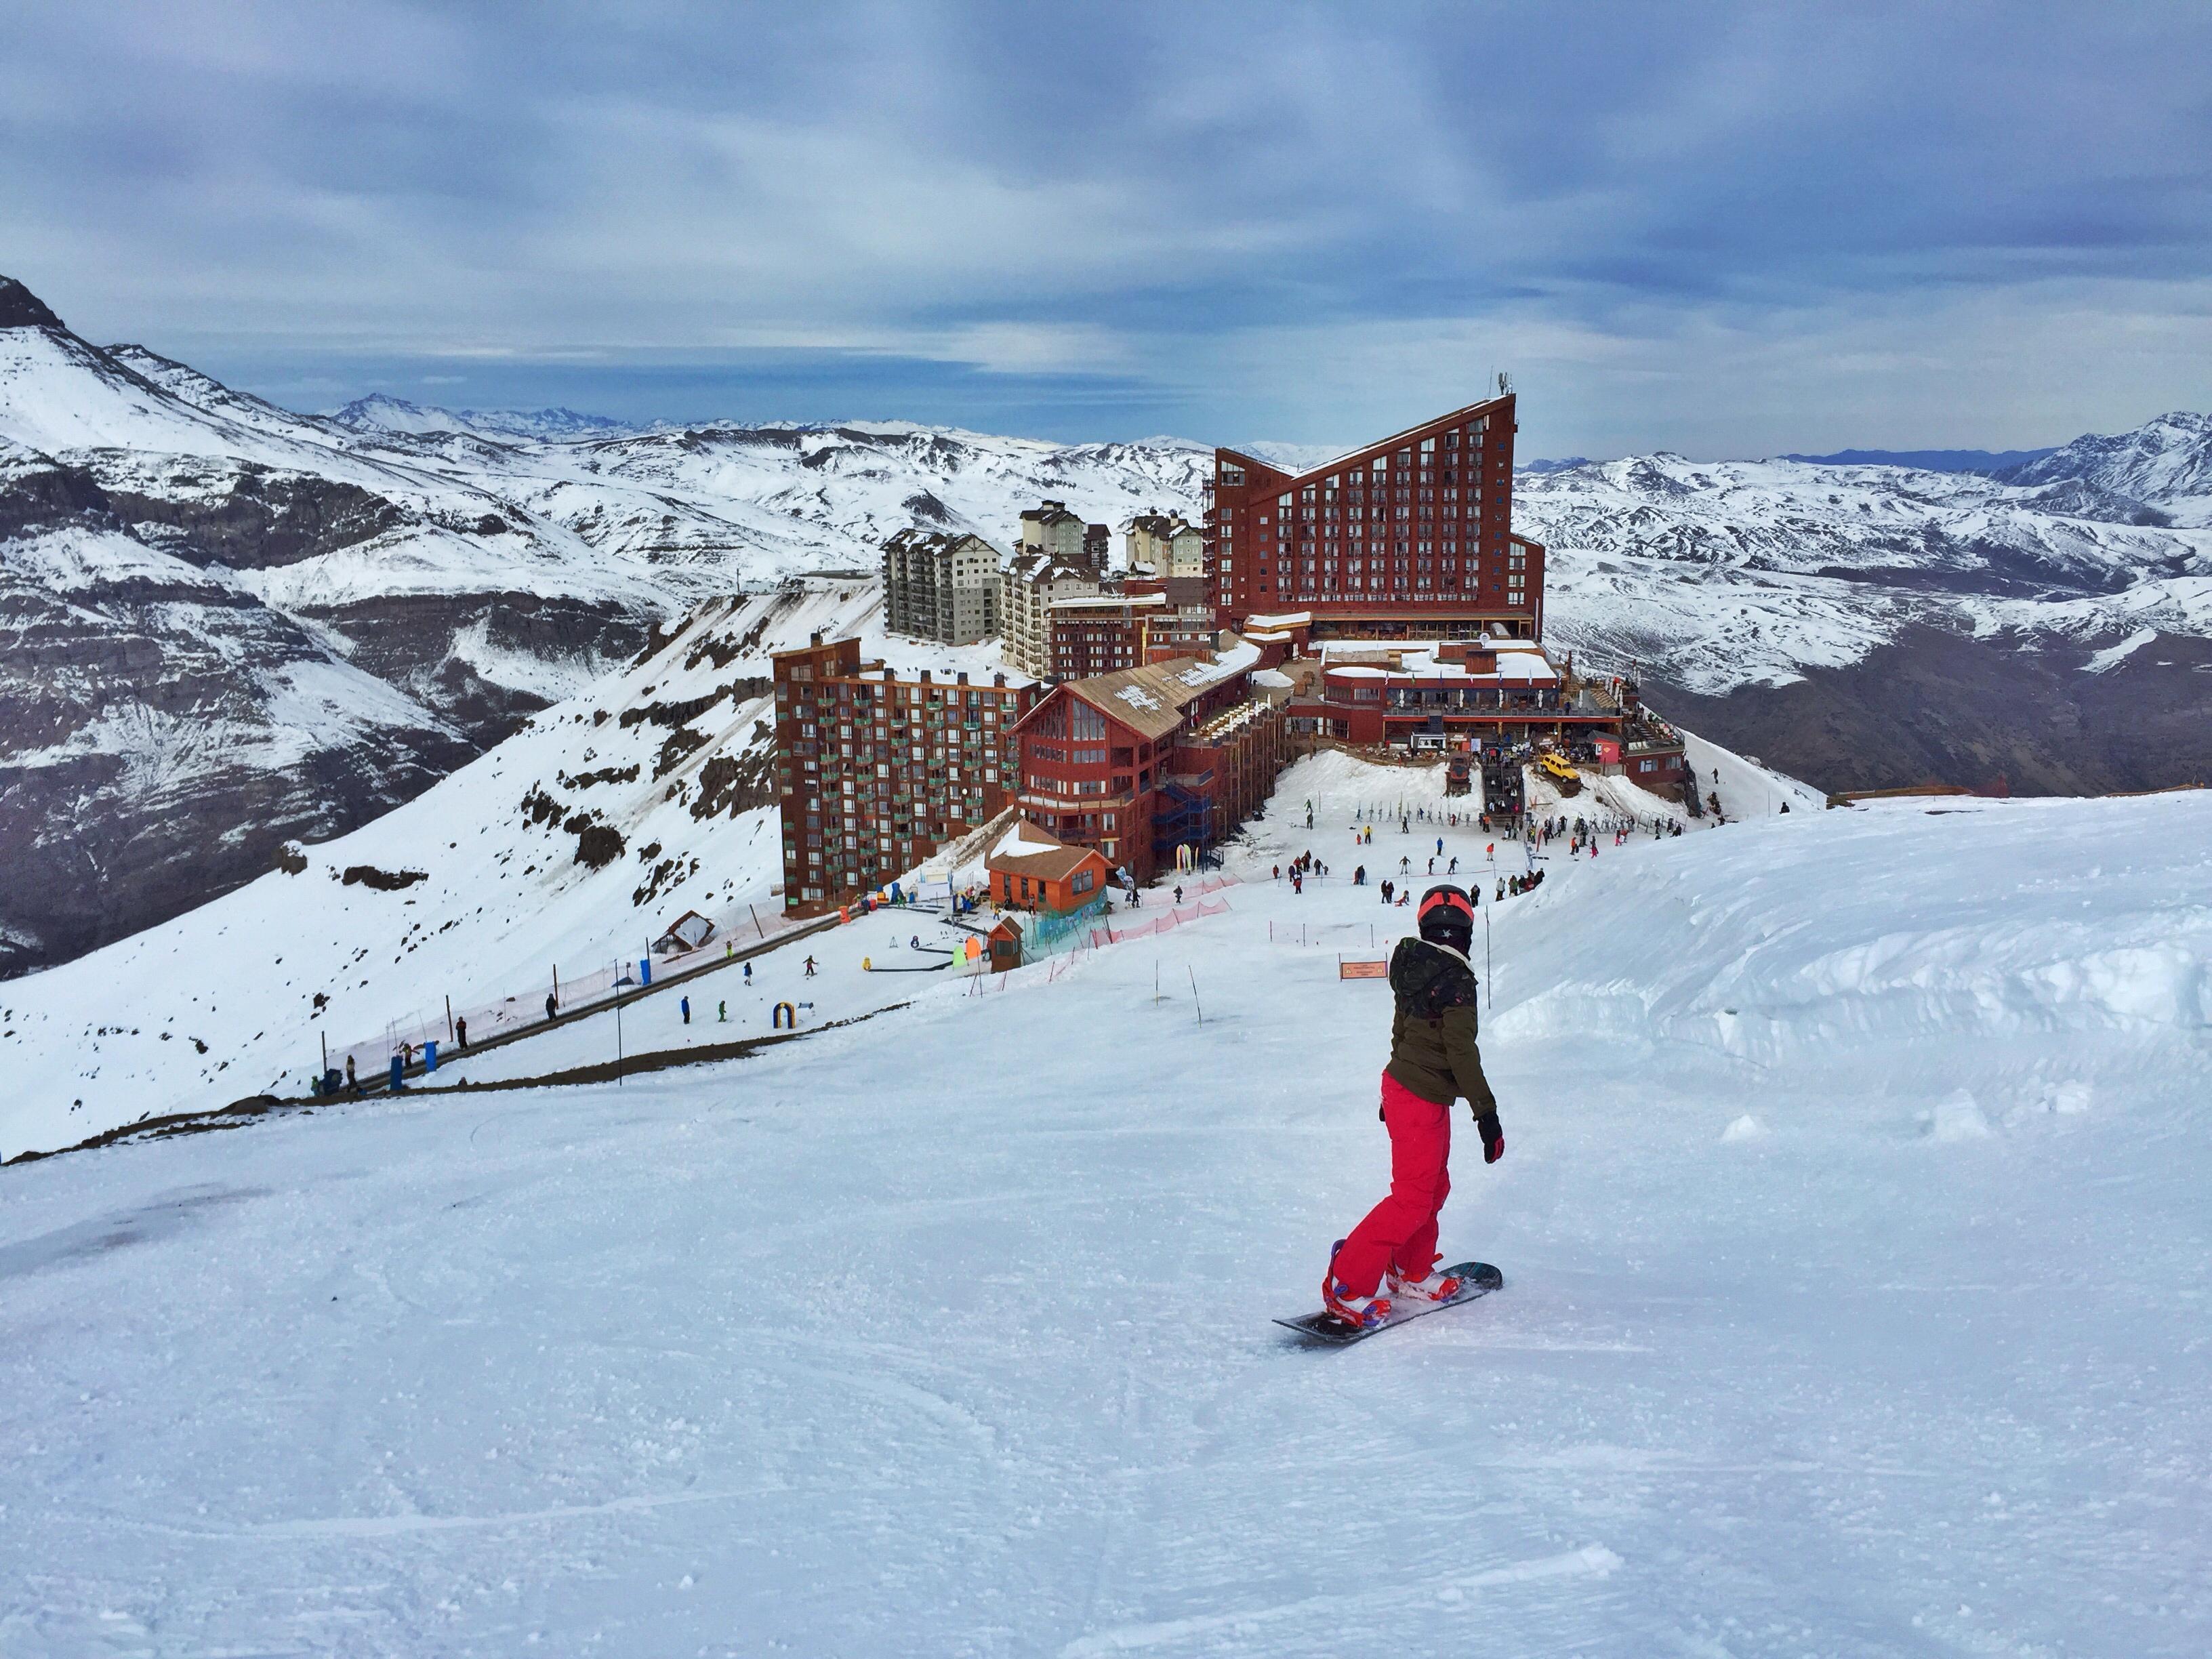 sbowboard em valle nevado